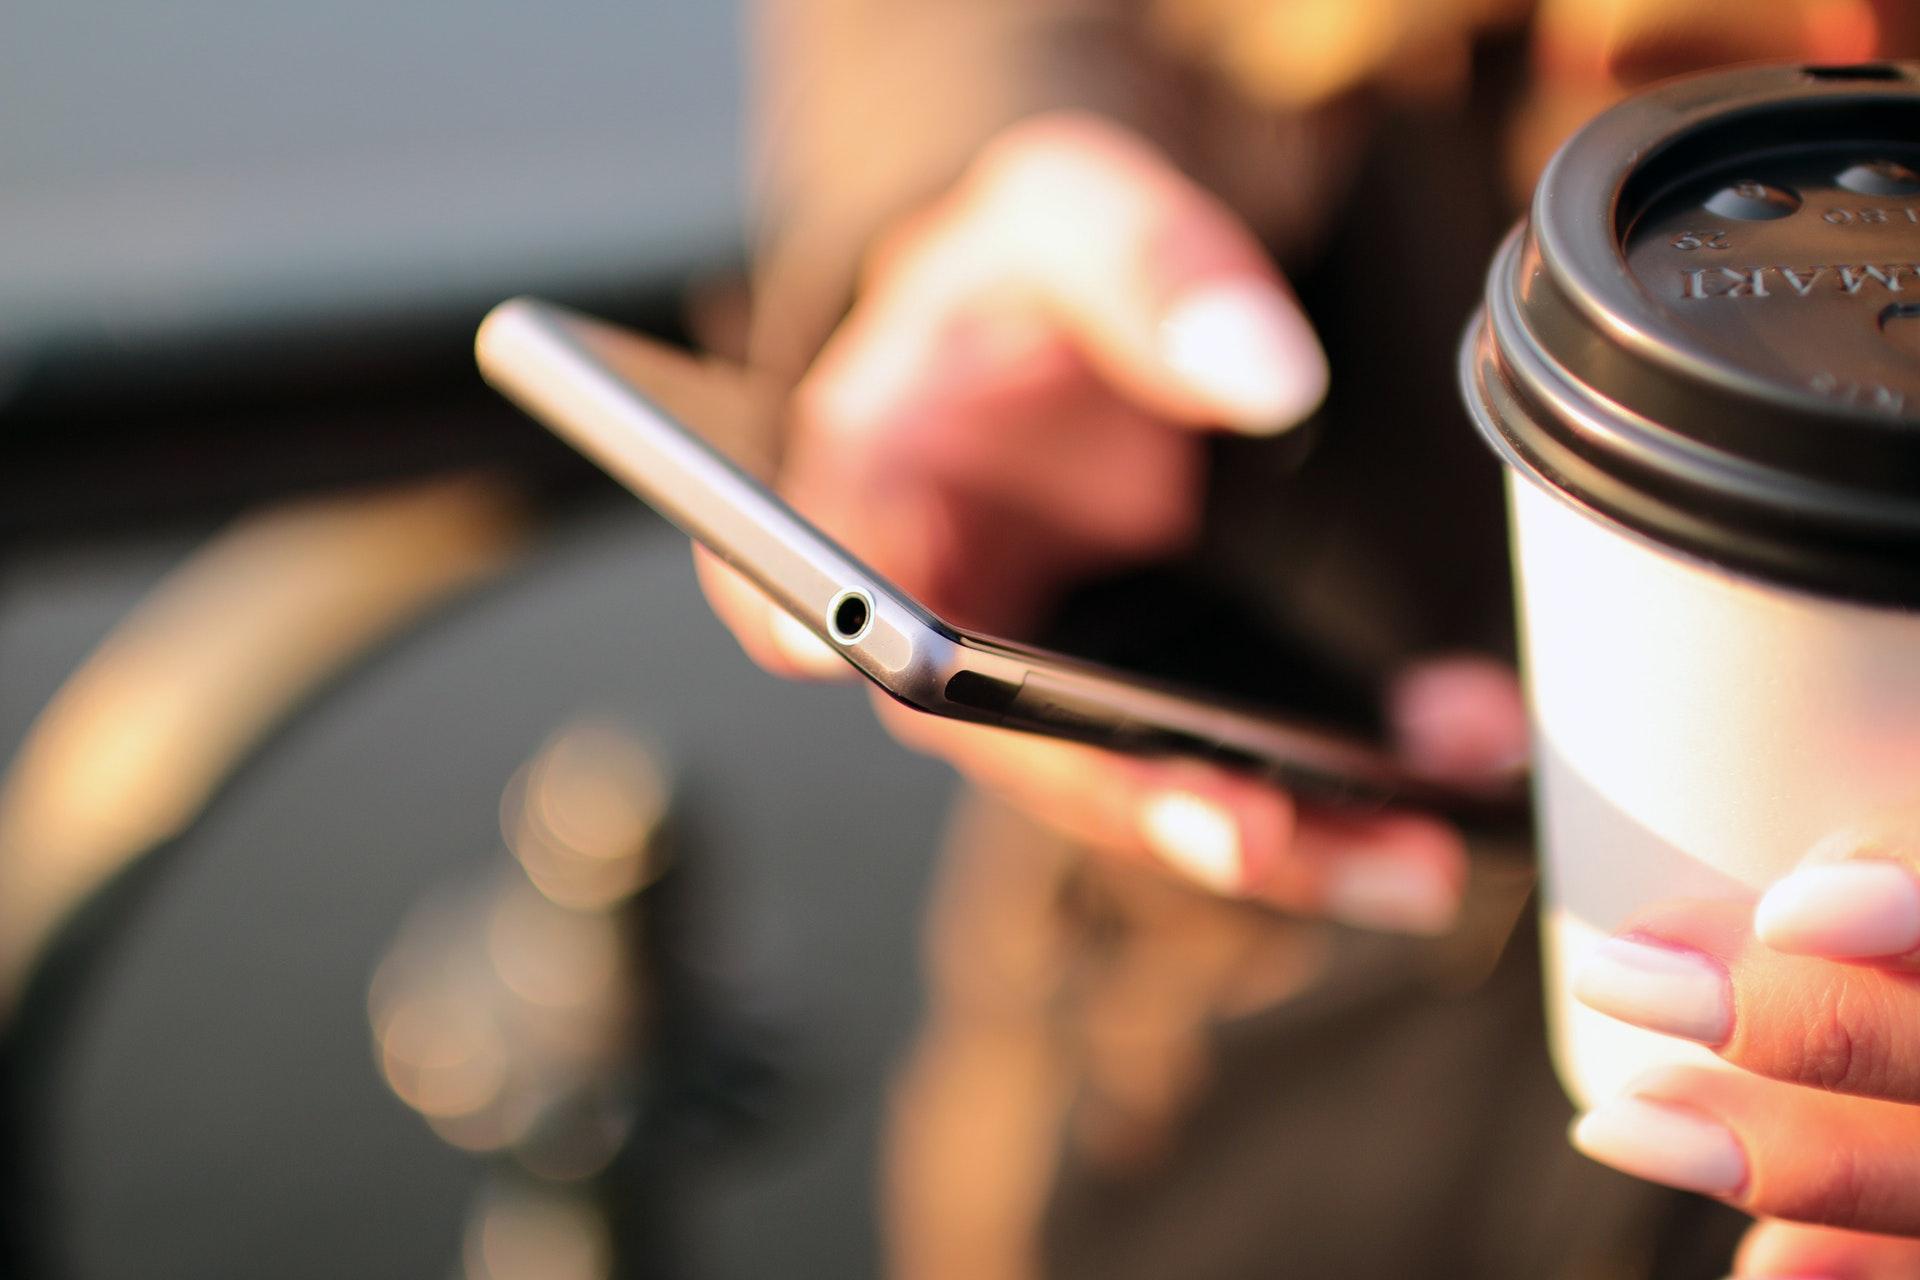 スマートフォンとコーヒーカップ